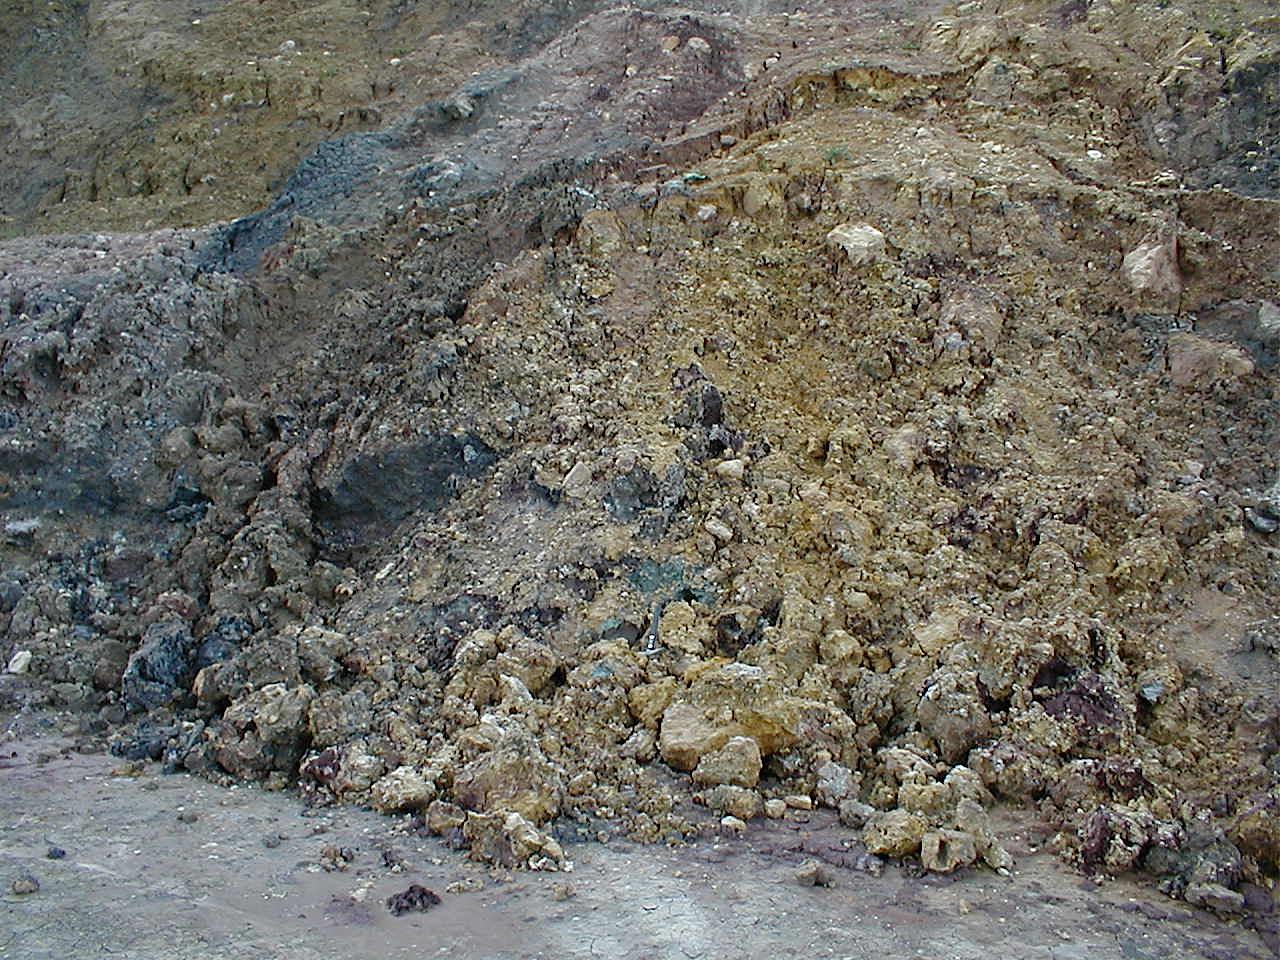 Bunte breccia ejecta, Ries crater, Ronheim quarry